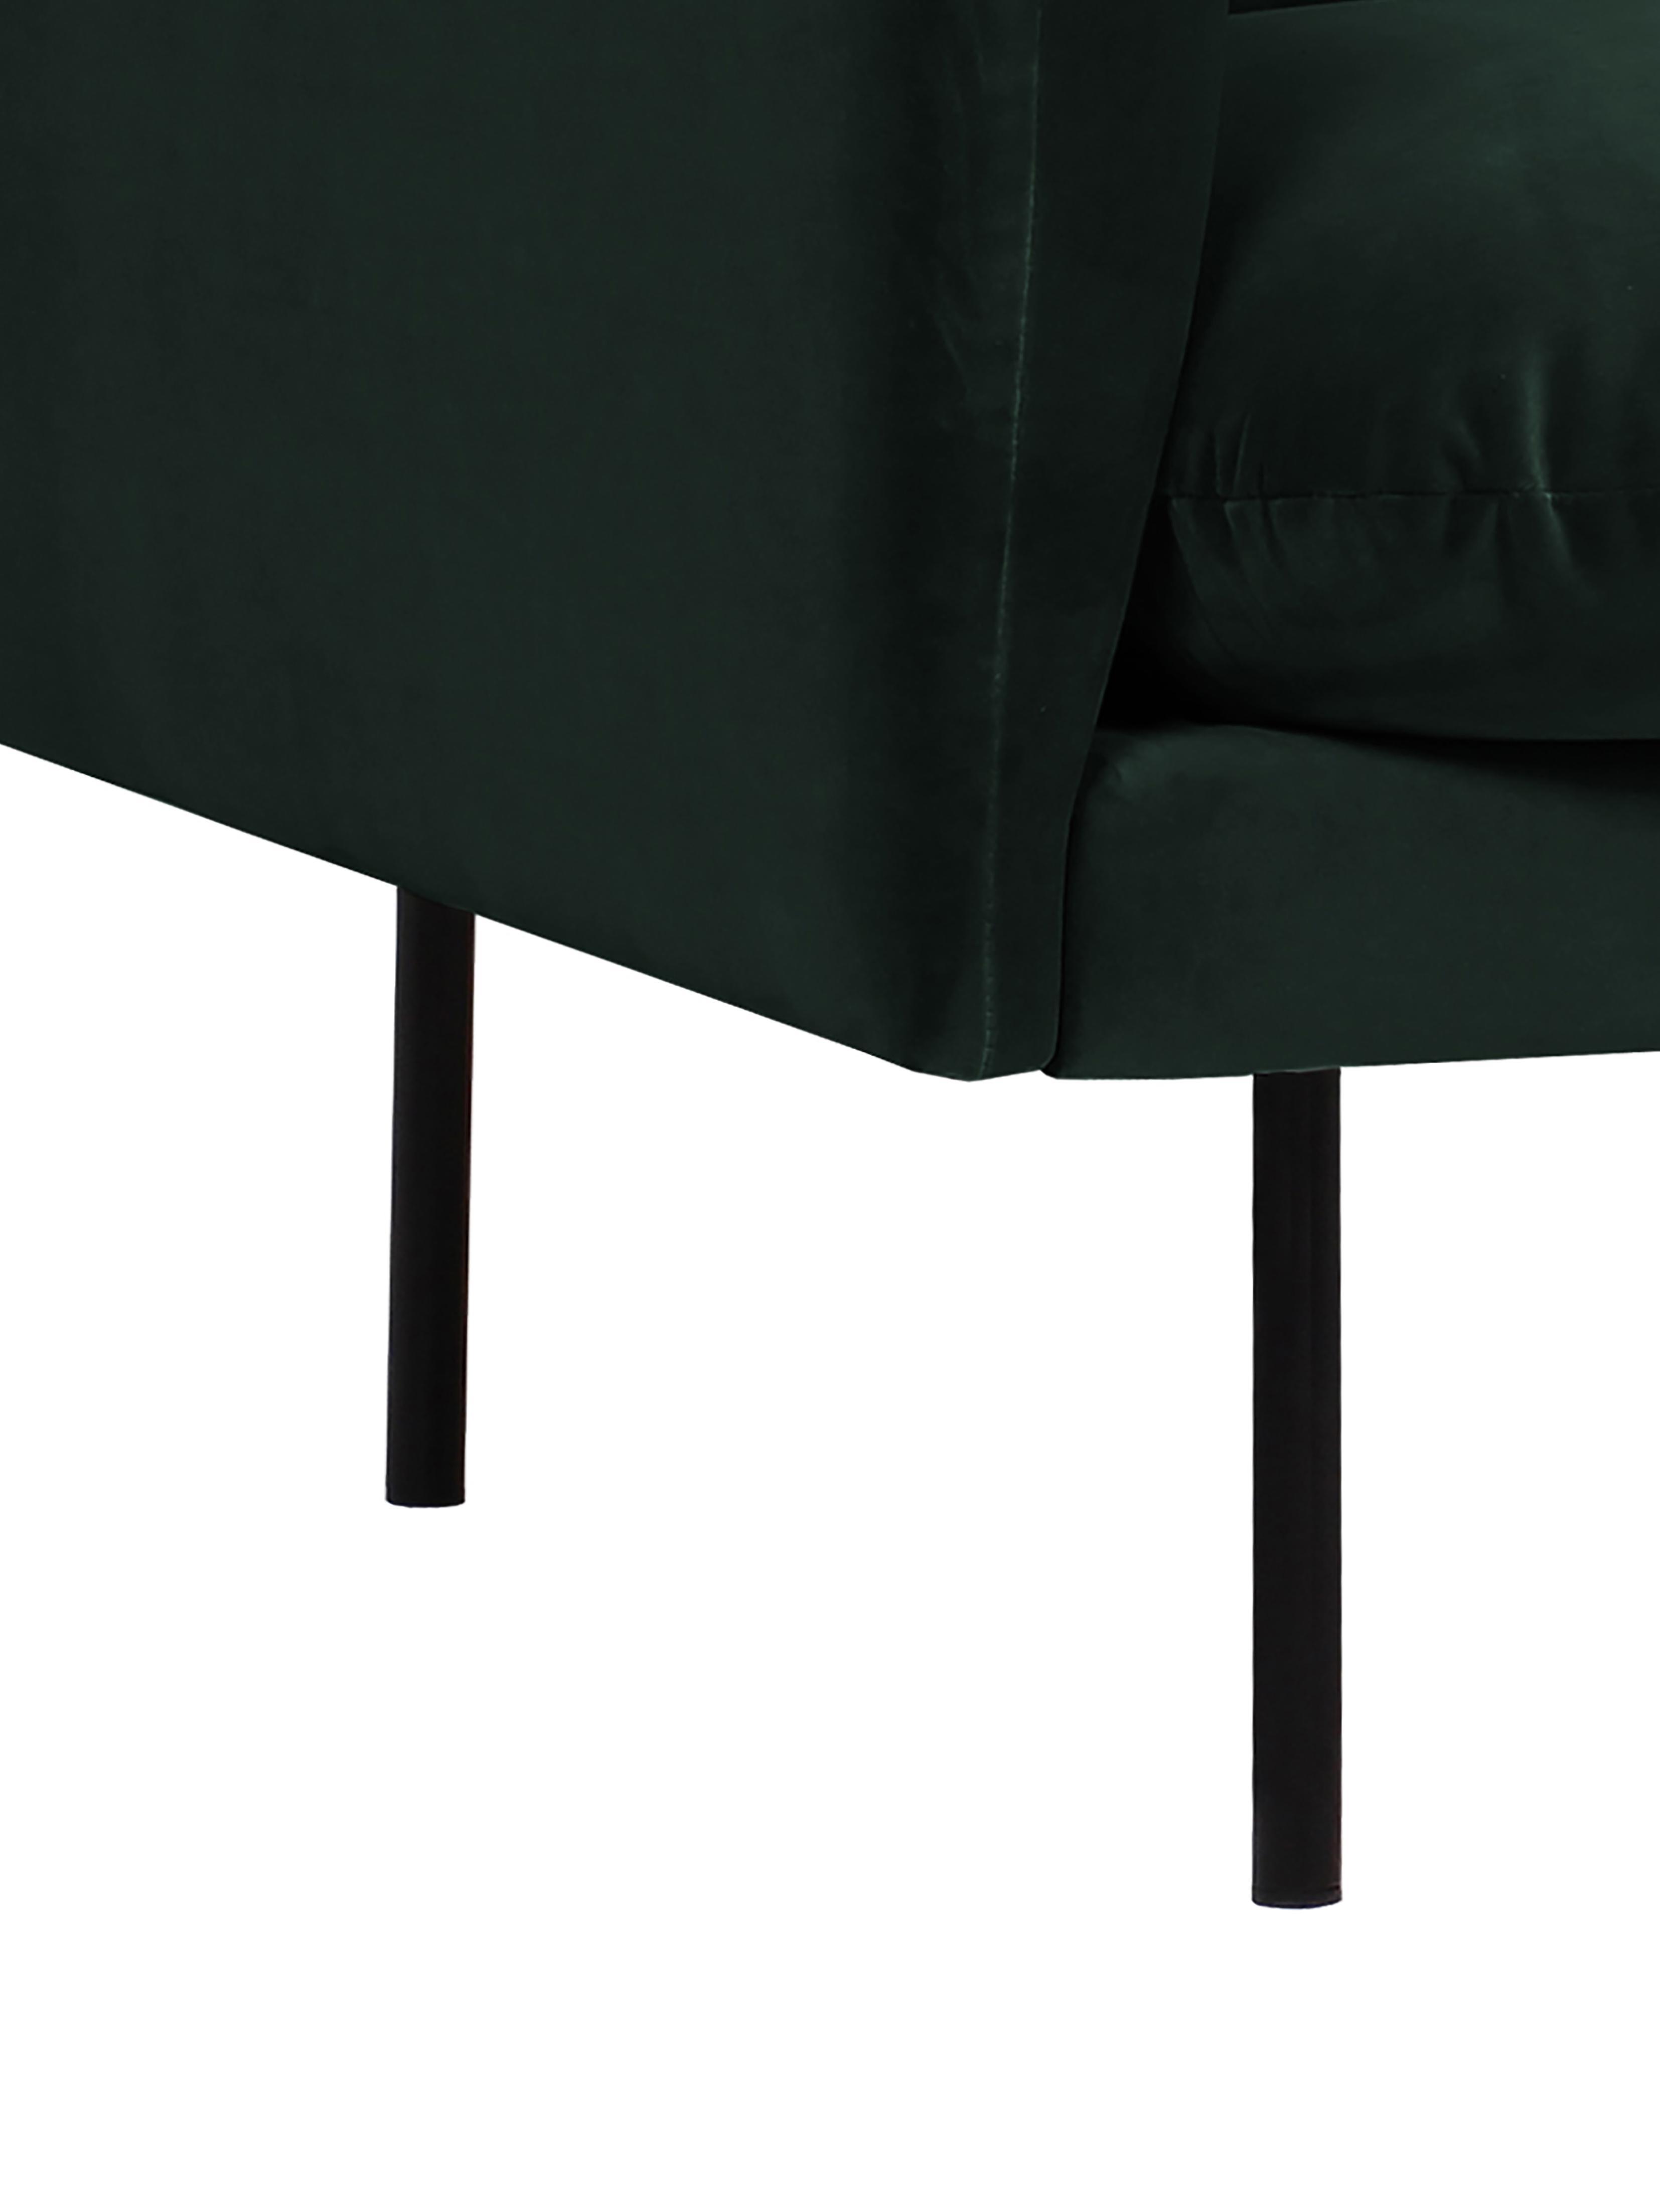 Divano angolare in velluto verde scuro Moby, Rivestimento: velluto (rivestimento in , Struttura: legno di pino massiccio, Piedini: metallo verniciato a polv, Velluto verde scuro, Larg. 280 x Prof. 160 cm